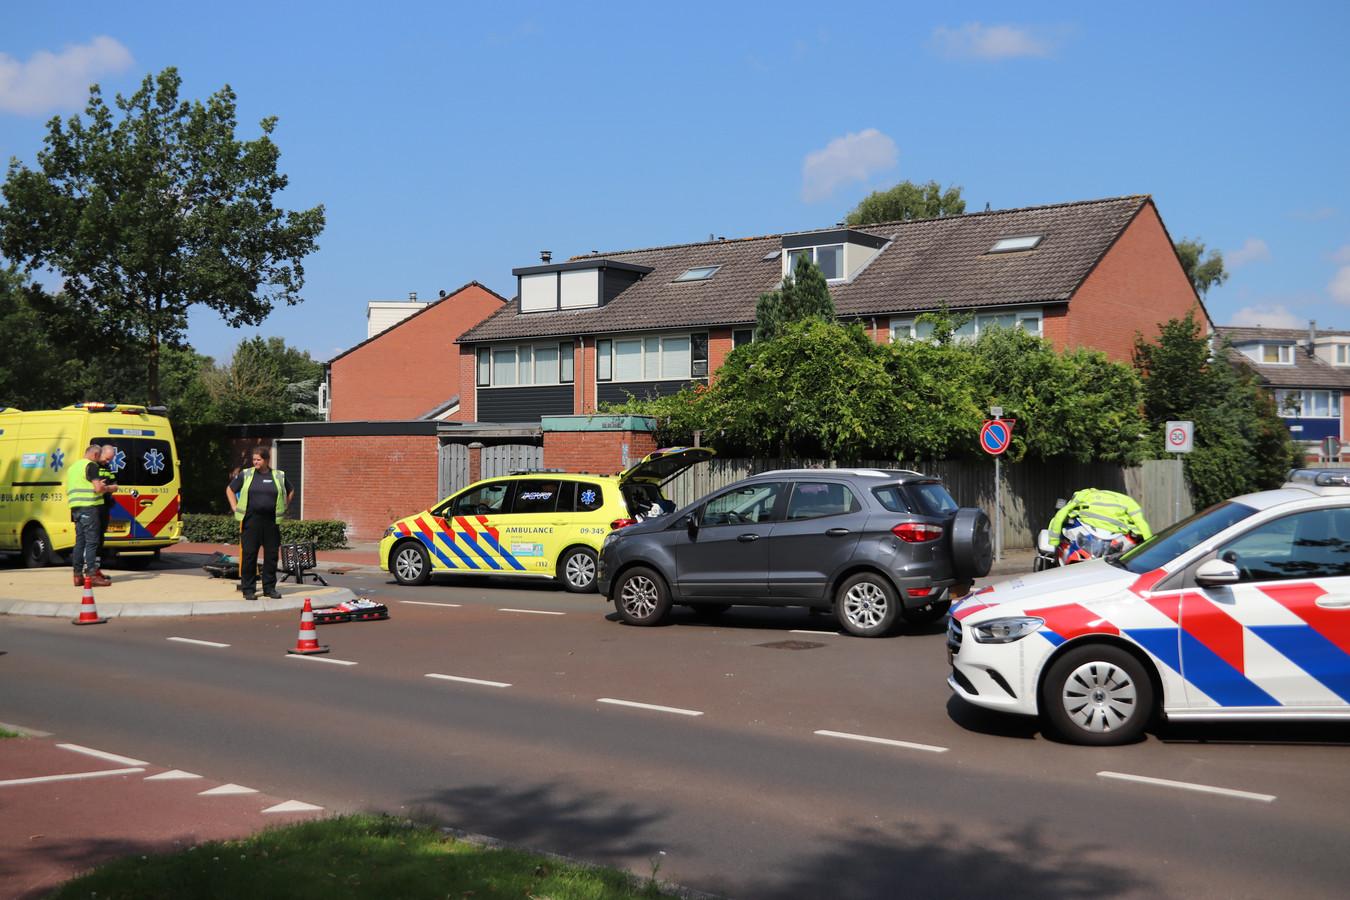 Hulpdiensten zijn aanwezig na het ongeluk in Veenendaal.